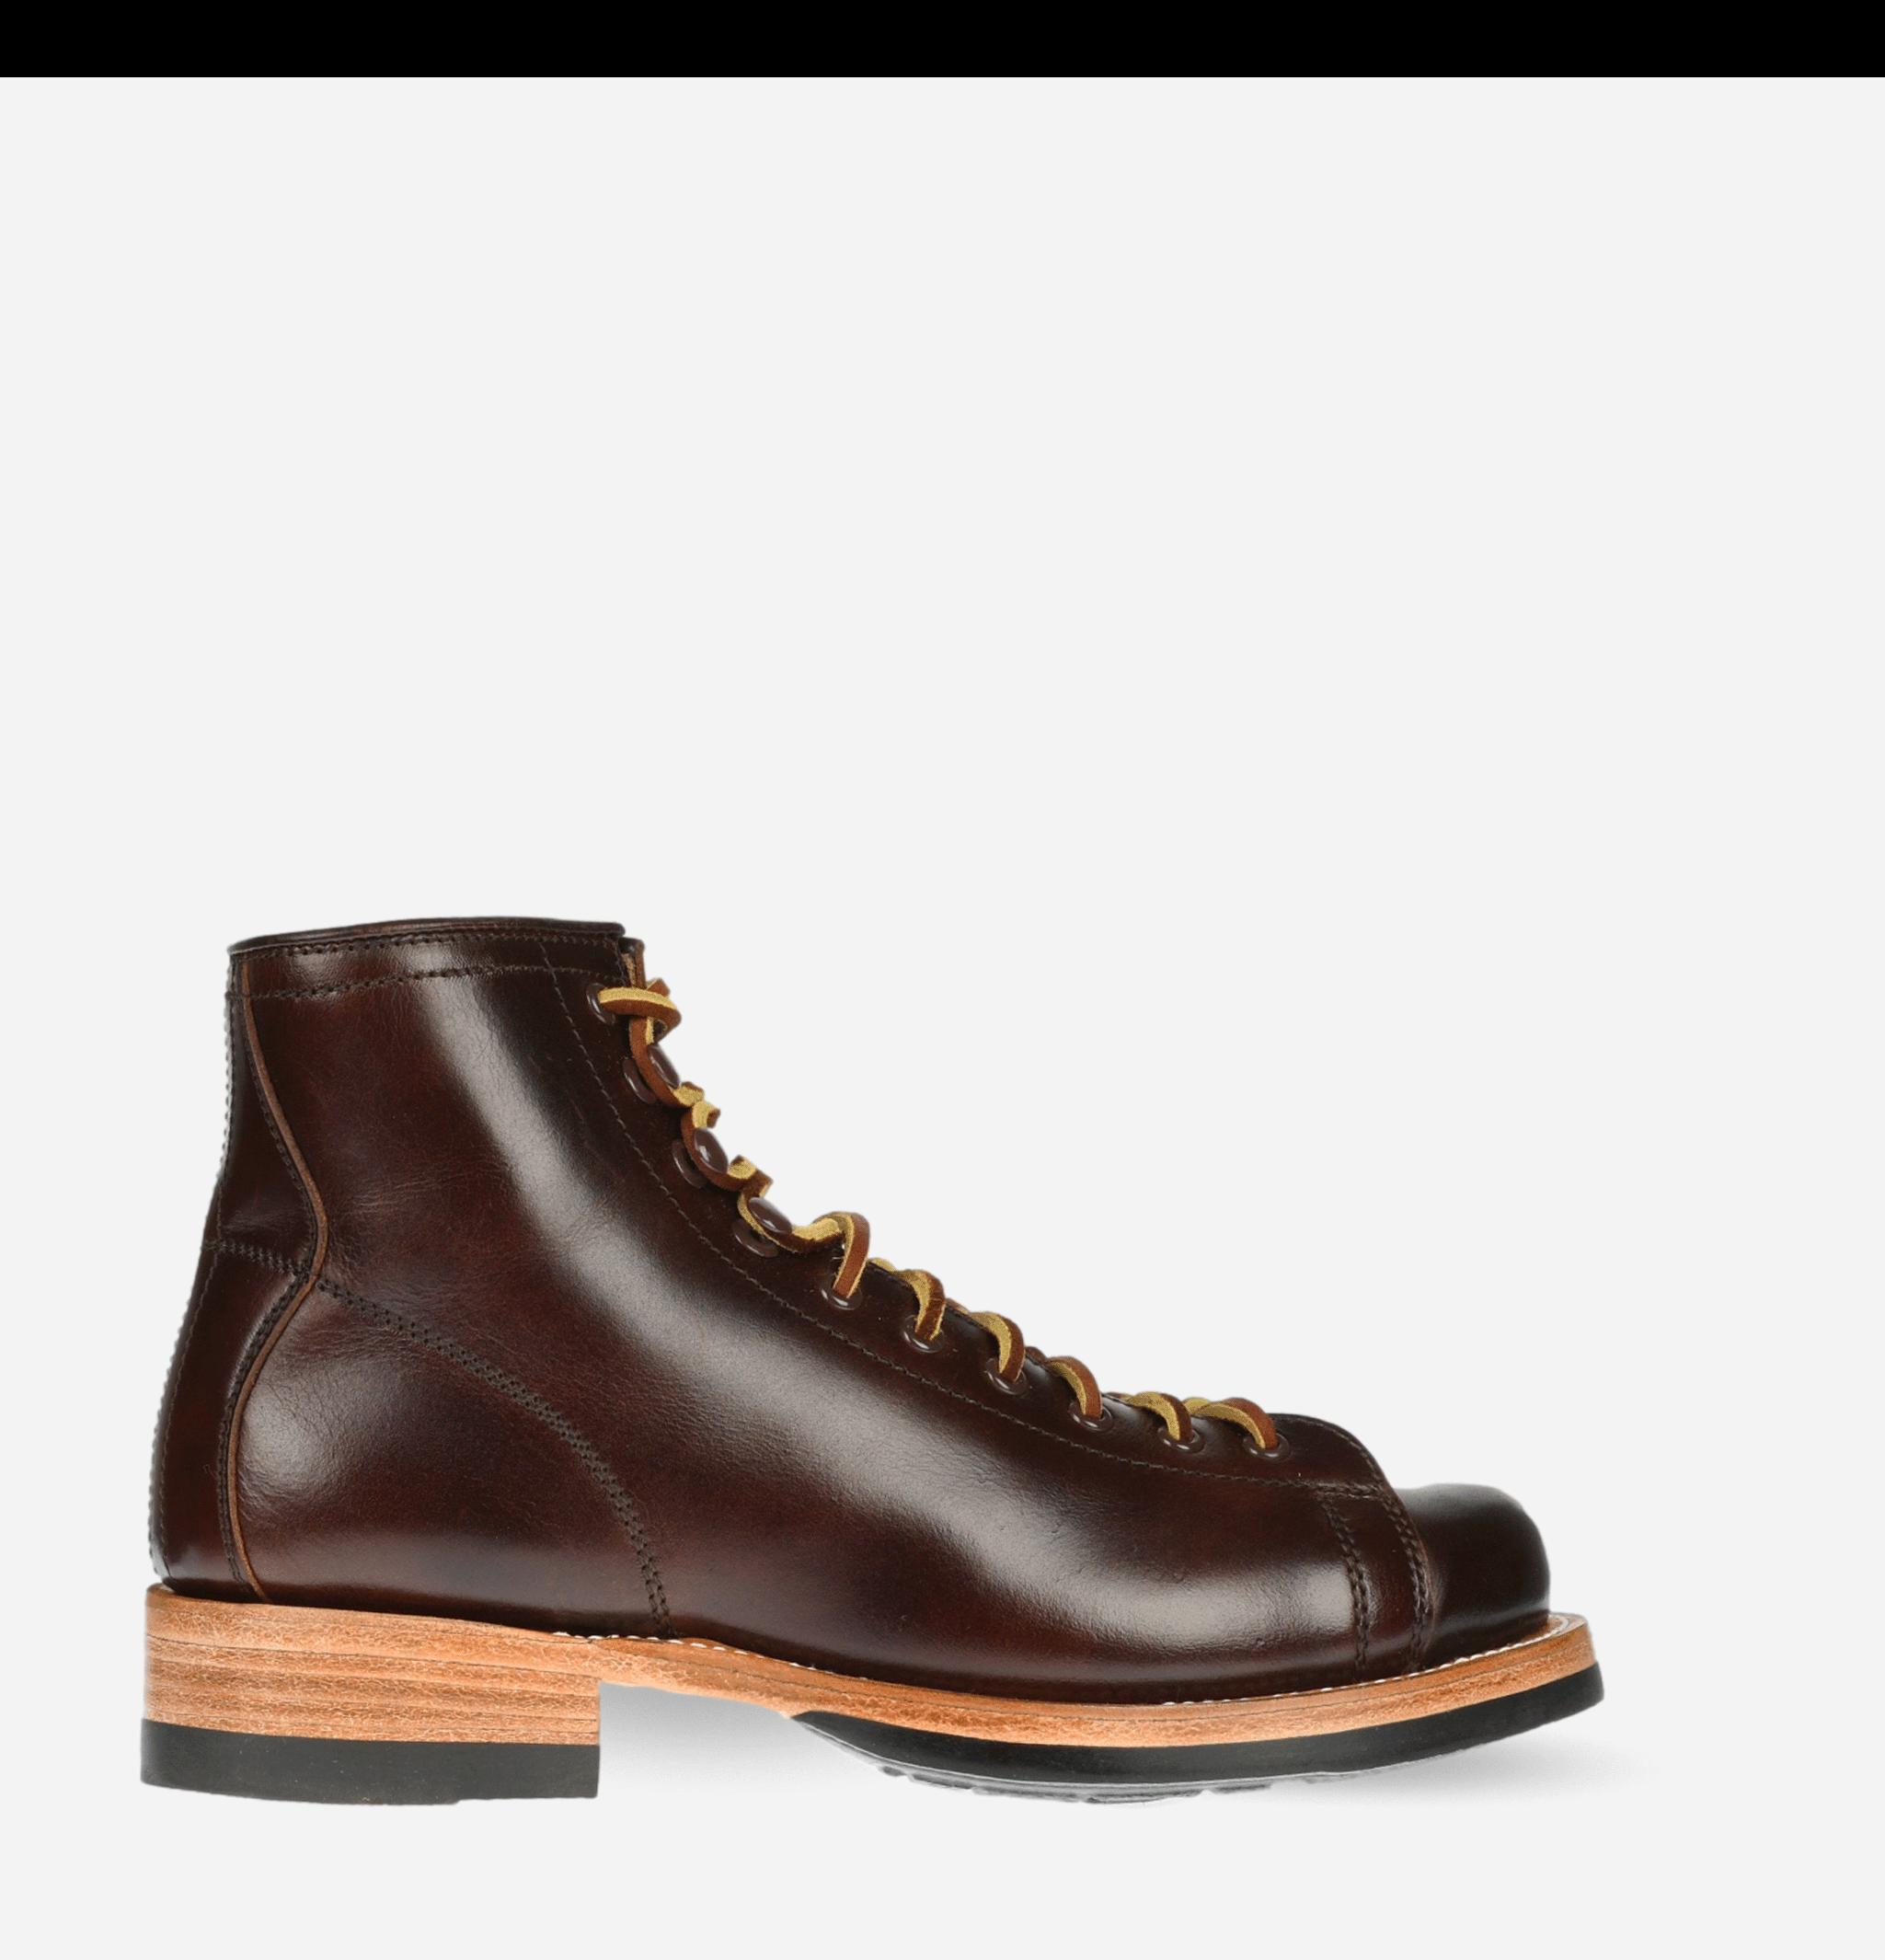 Chaussures Work Chestnut